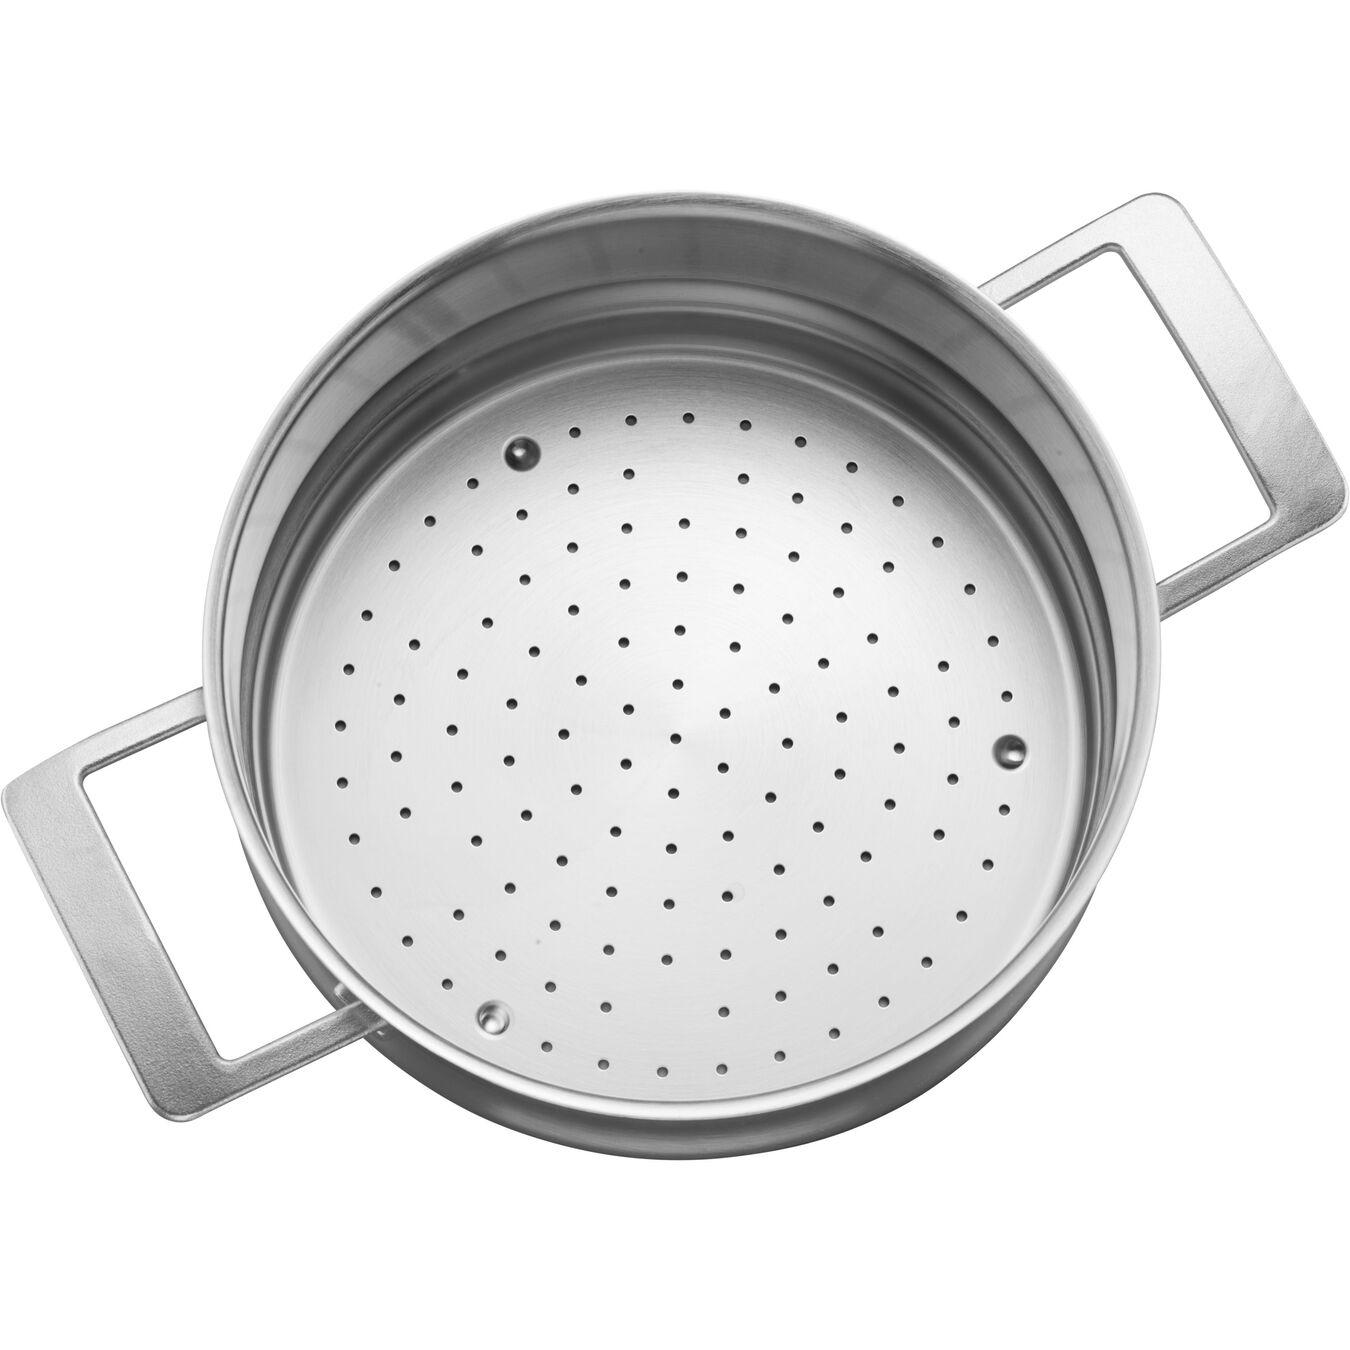 24 cm 18/10 Stainless Steel Insert pour casserole et poêle,,large 2